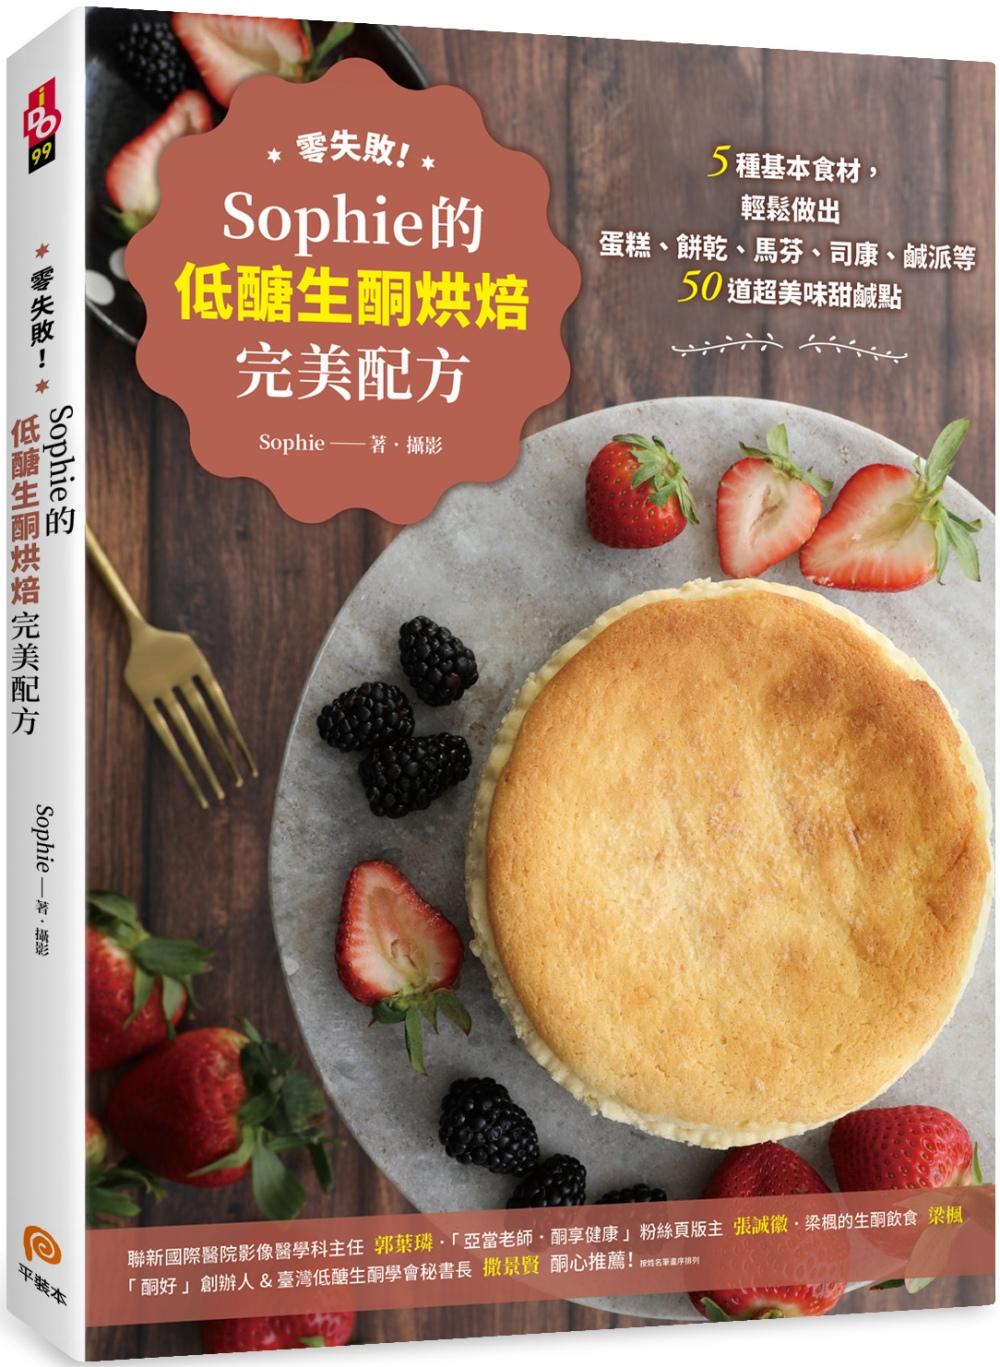 零失敗!Sophie的低醣生酮烘焙完美配方:5種基本食材,輕鬆做出蛋糕、餅乾、馬芬、司康、鹹派等50道超美味甜鹹點